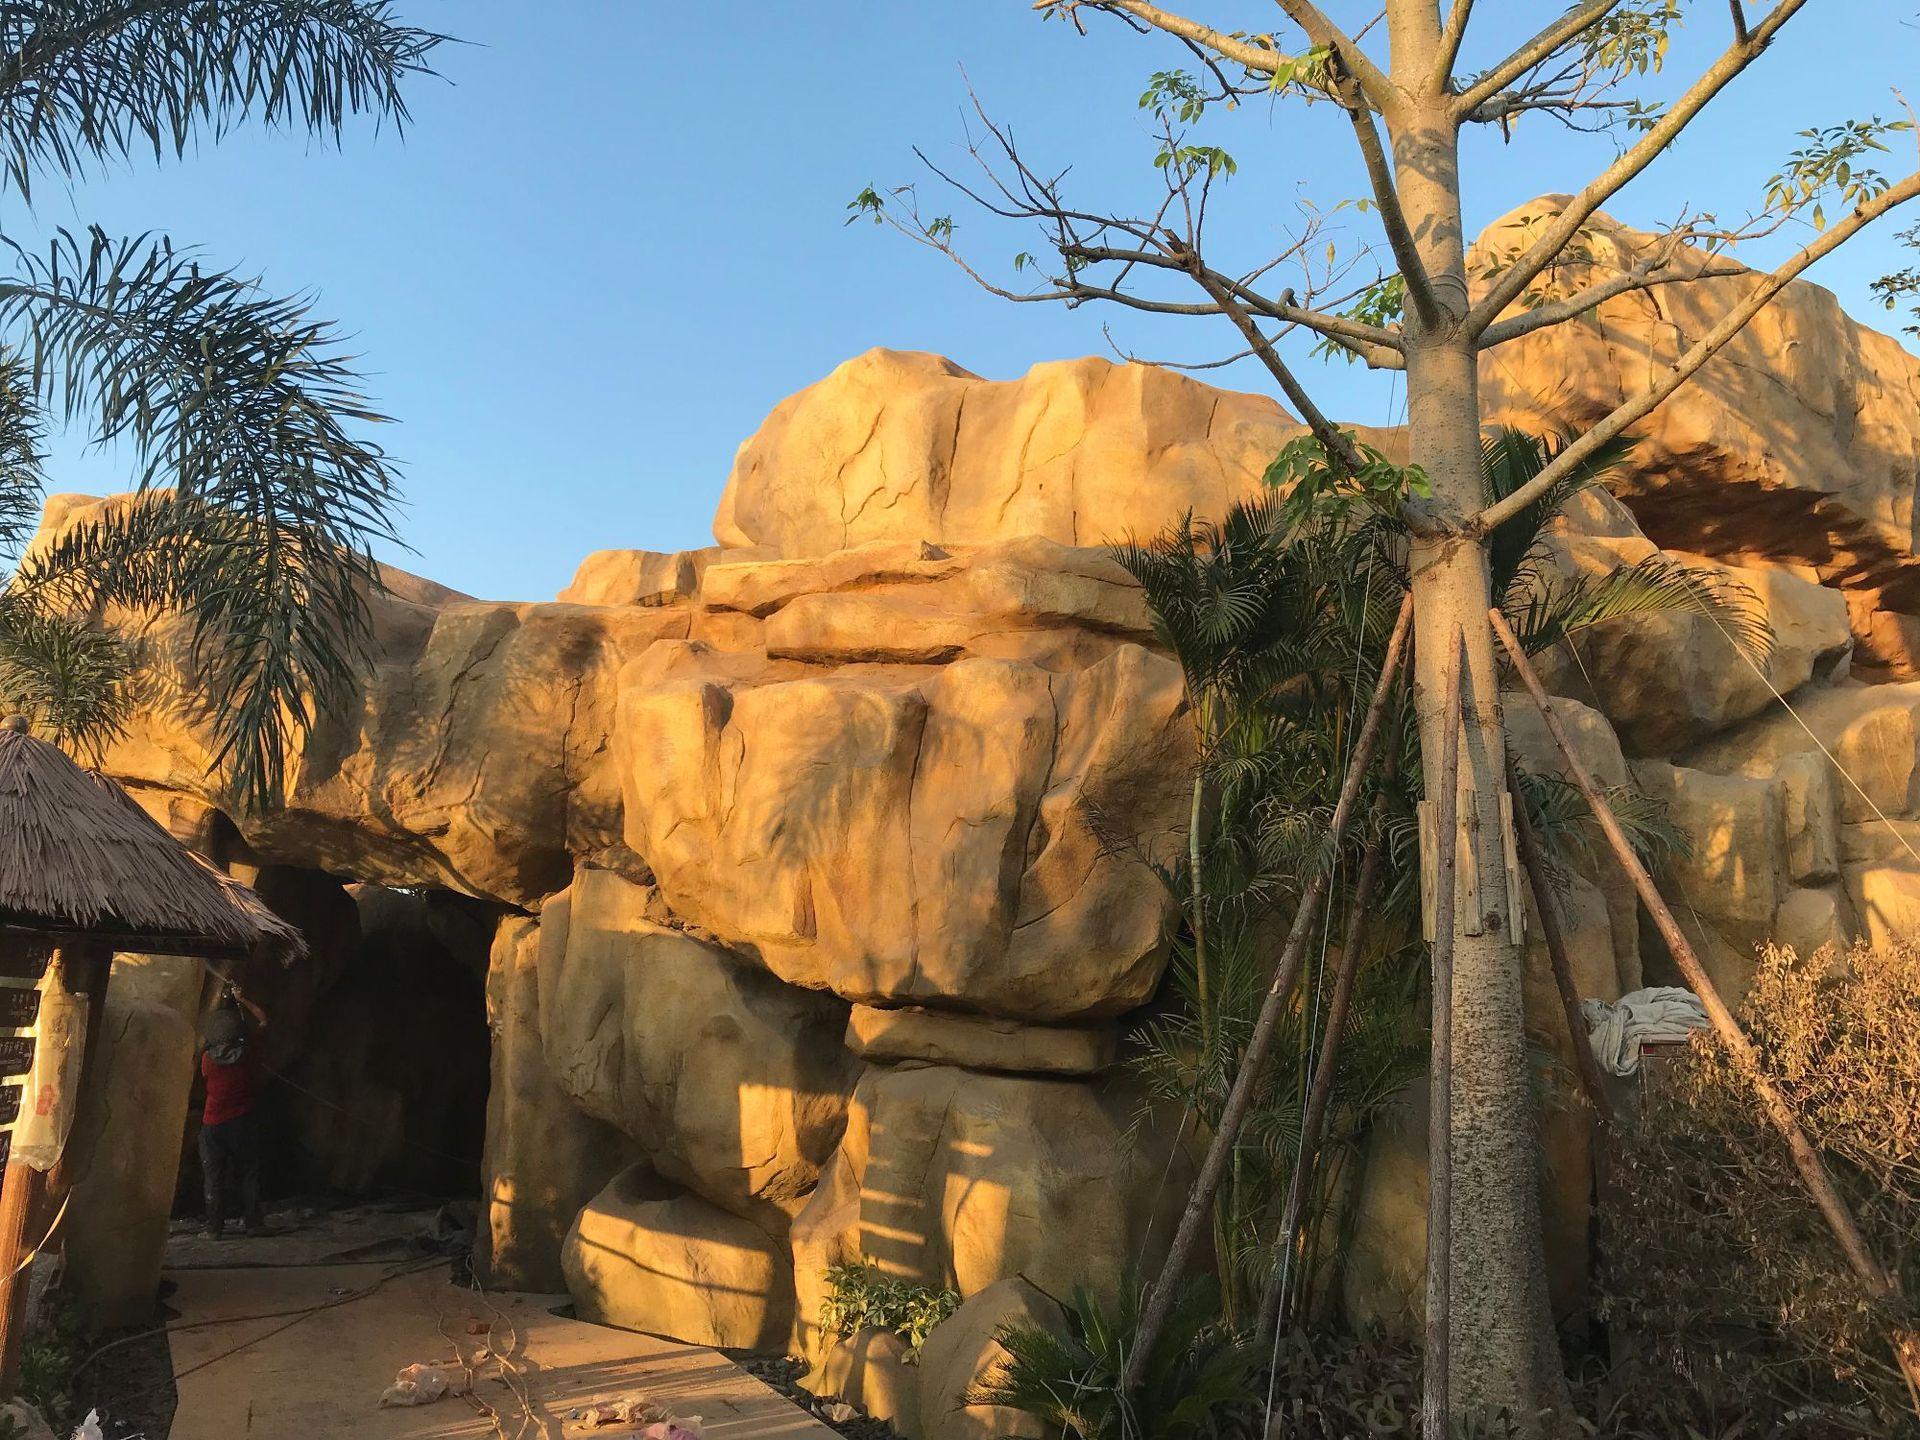 假山塑石水泥雕塑仿石塑石3